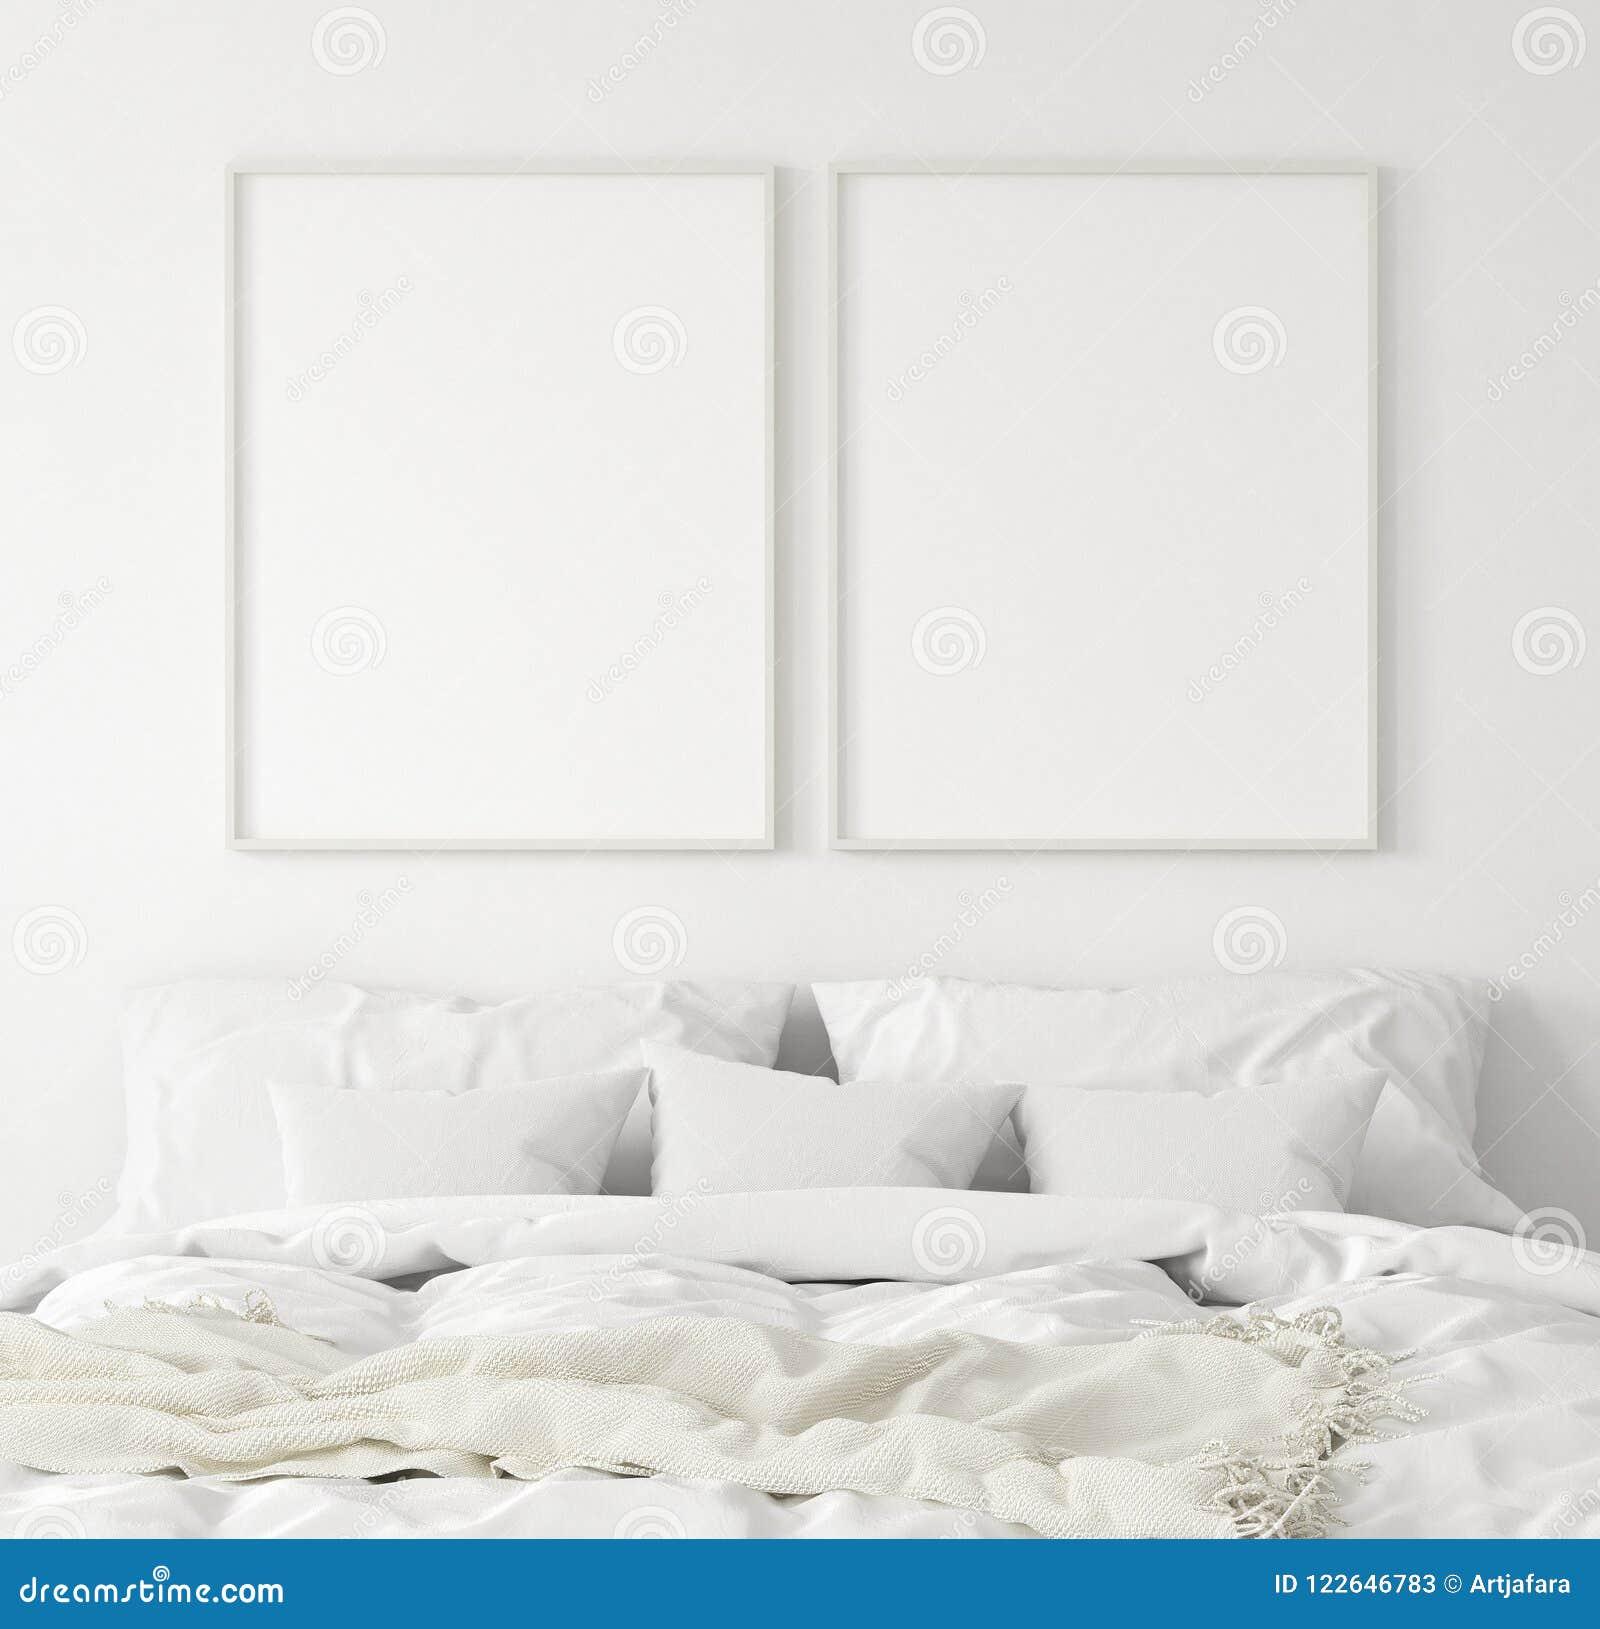 Рамка в спальне, скандинавский стиль плаката модель-макета